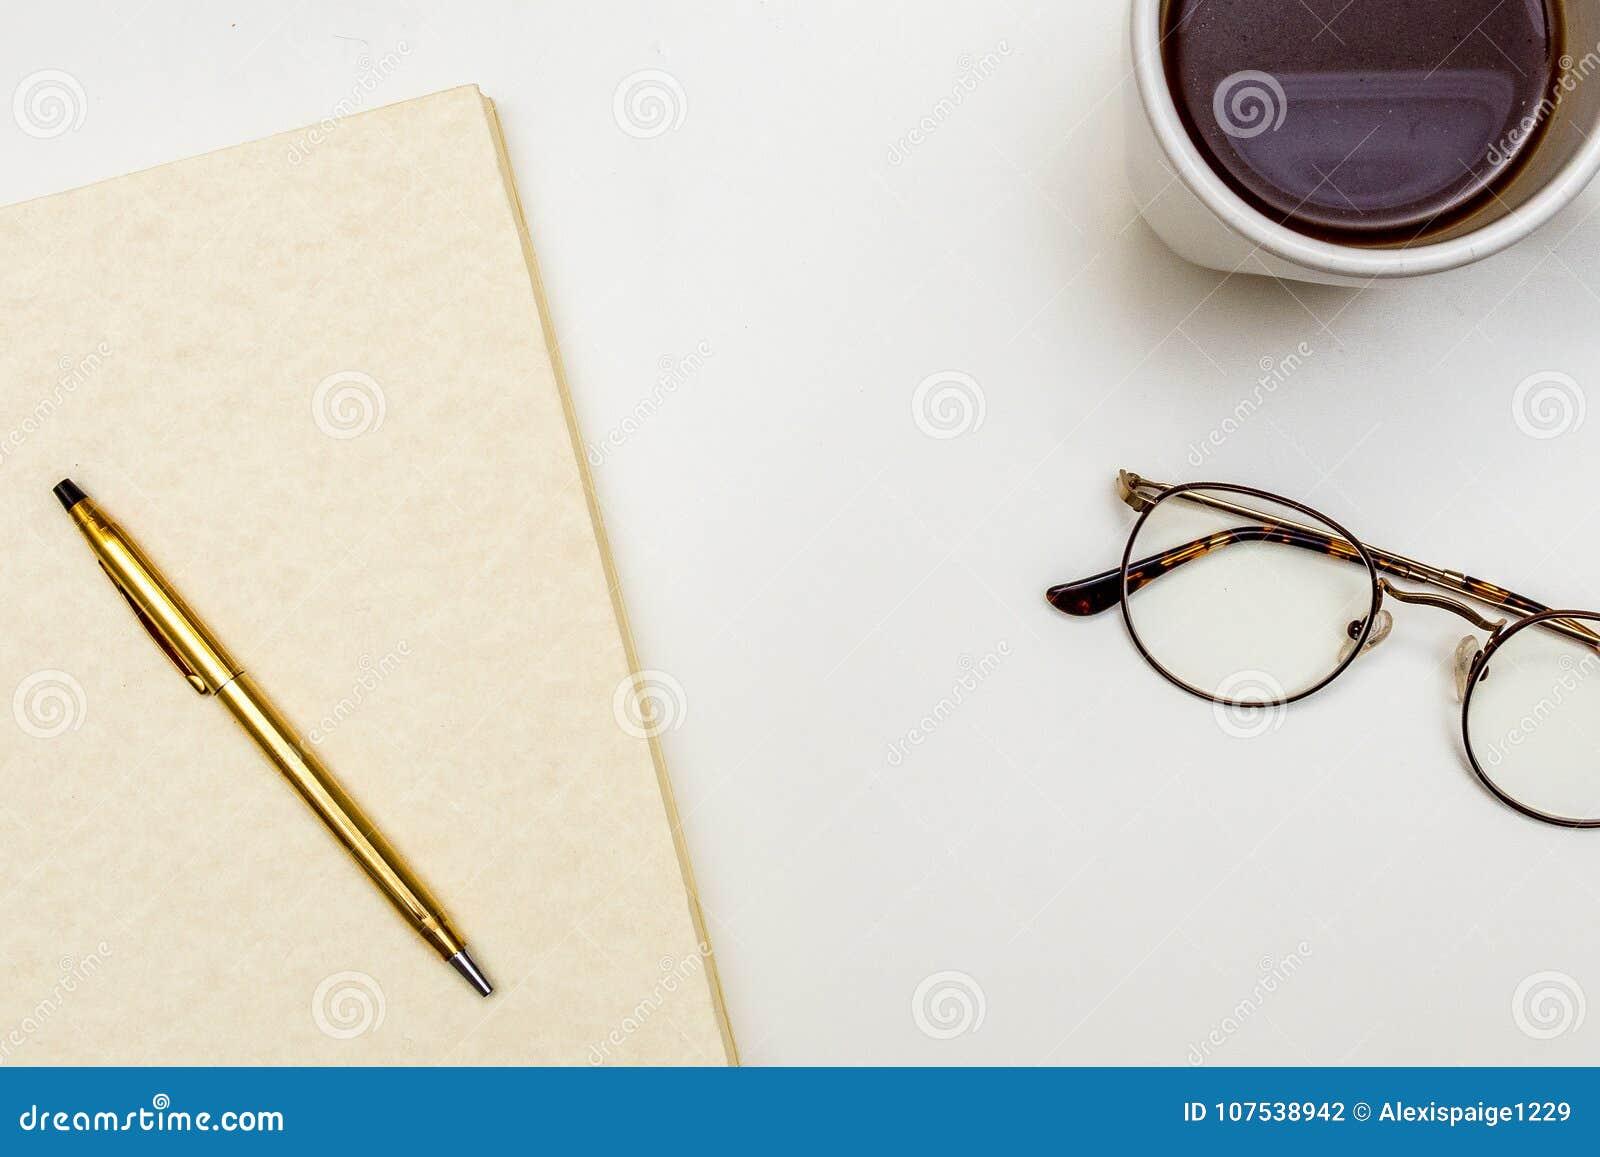 Carnet avec de l or Pen Eye Glasses Coffee sur un Tableau blanc de configuration ci-dessus d appartement